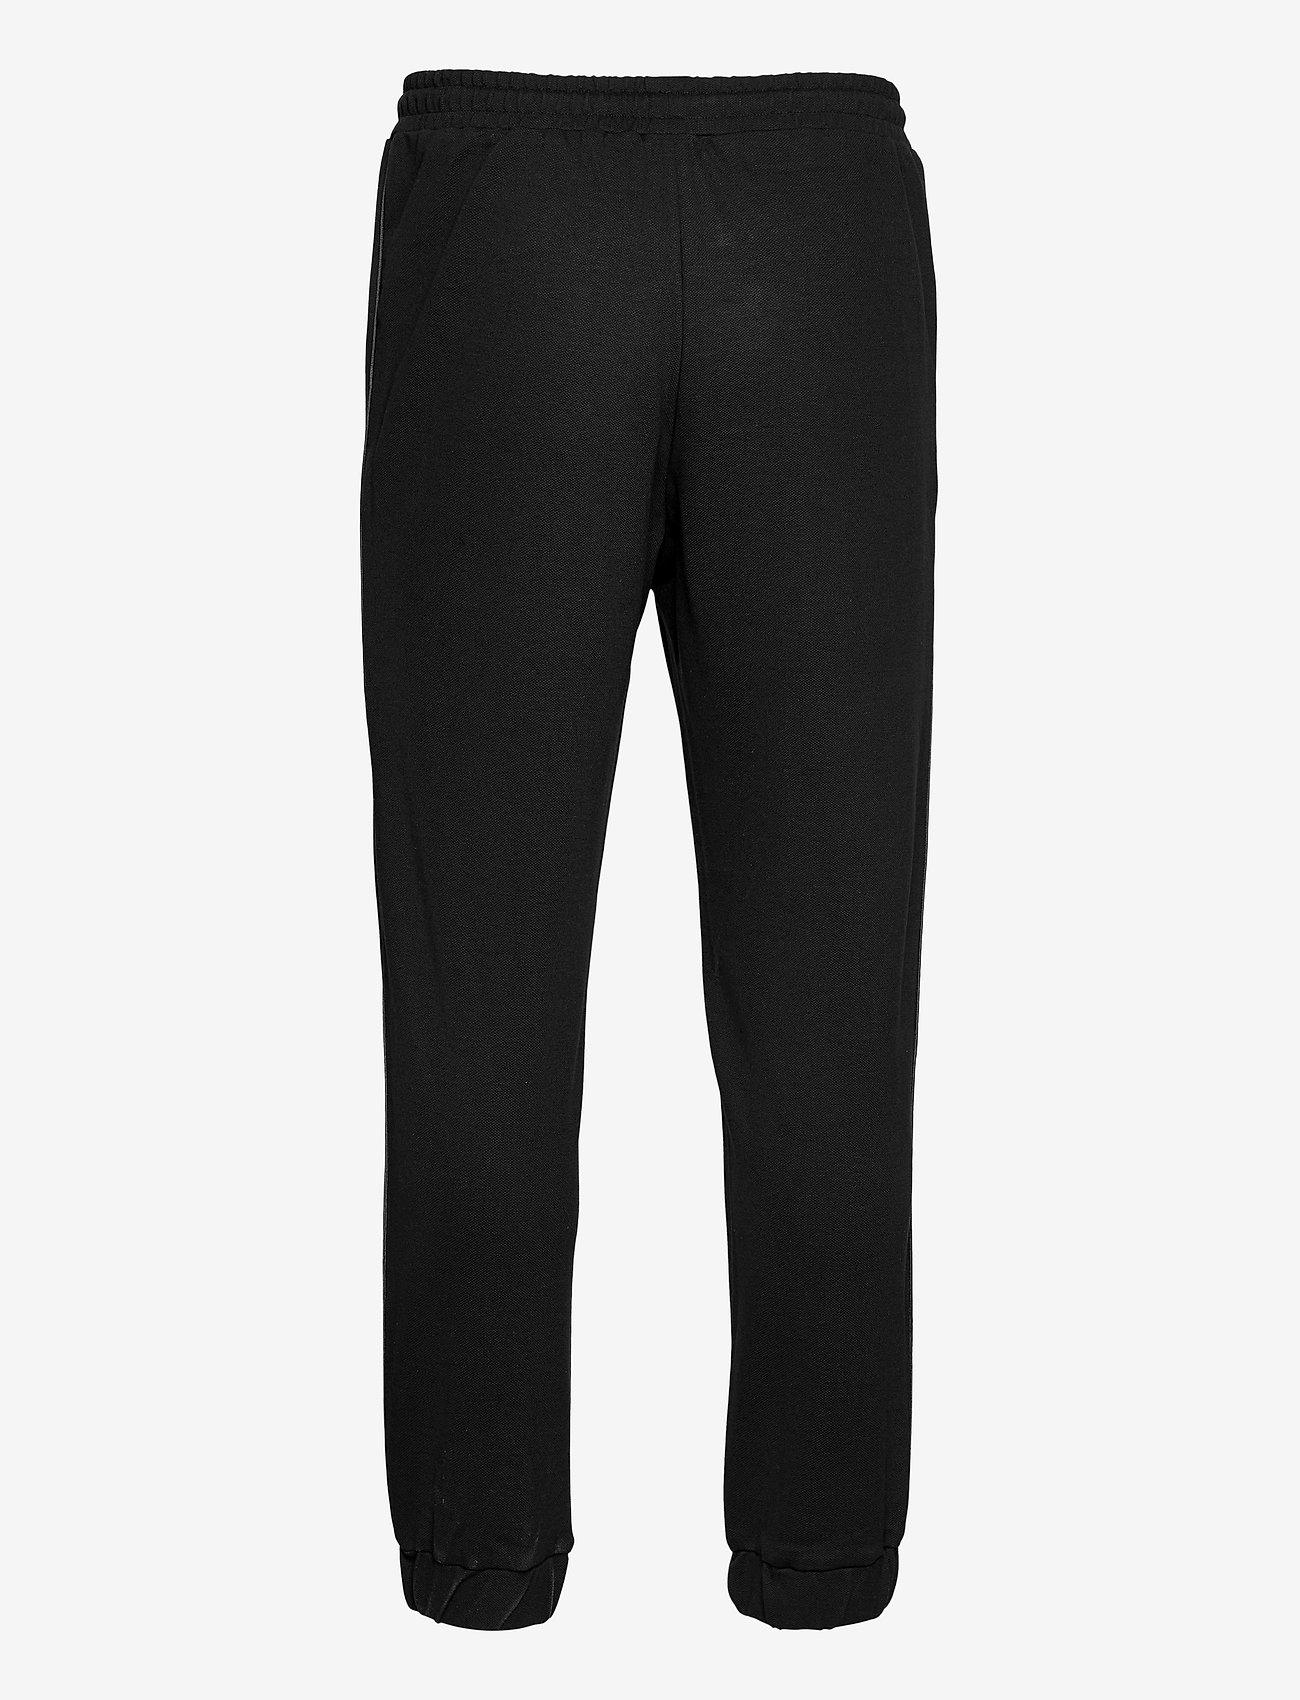 HAN Kjøbenhavn - Track Pants - kleding - black pique - 1